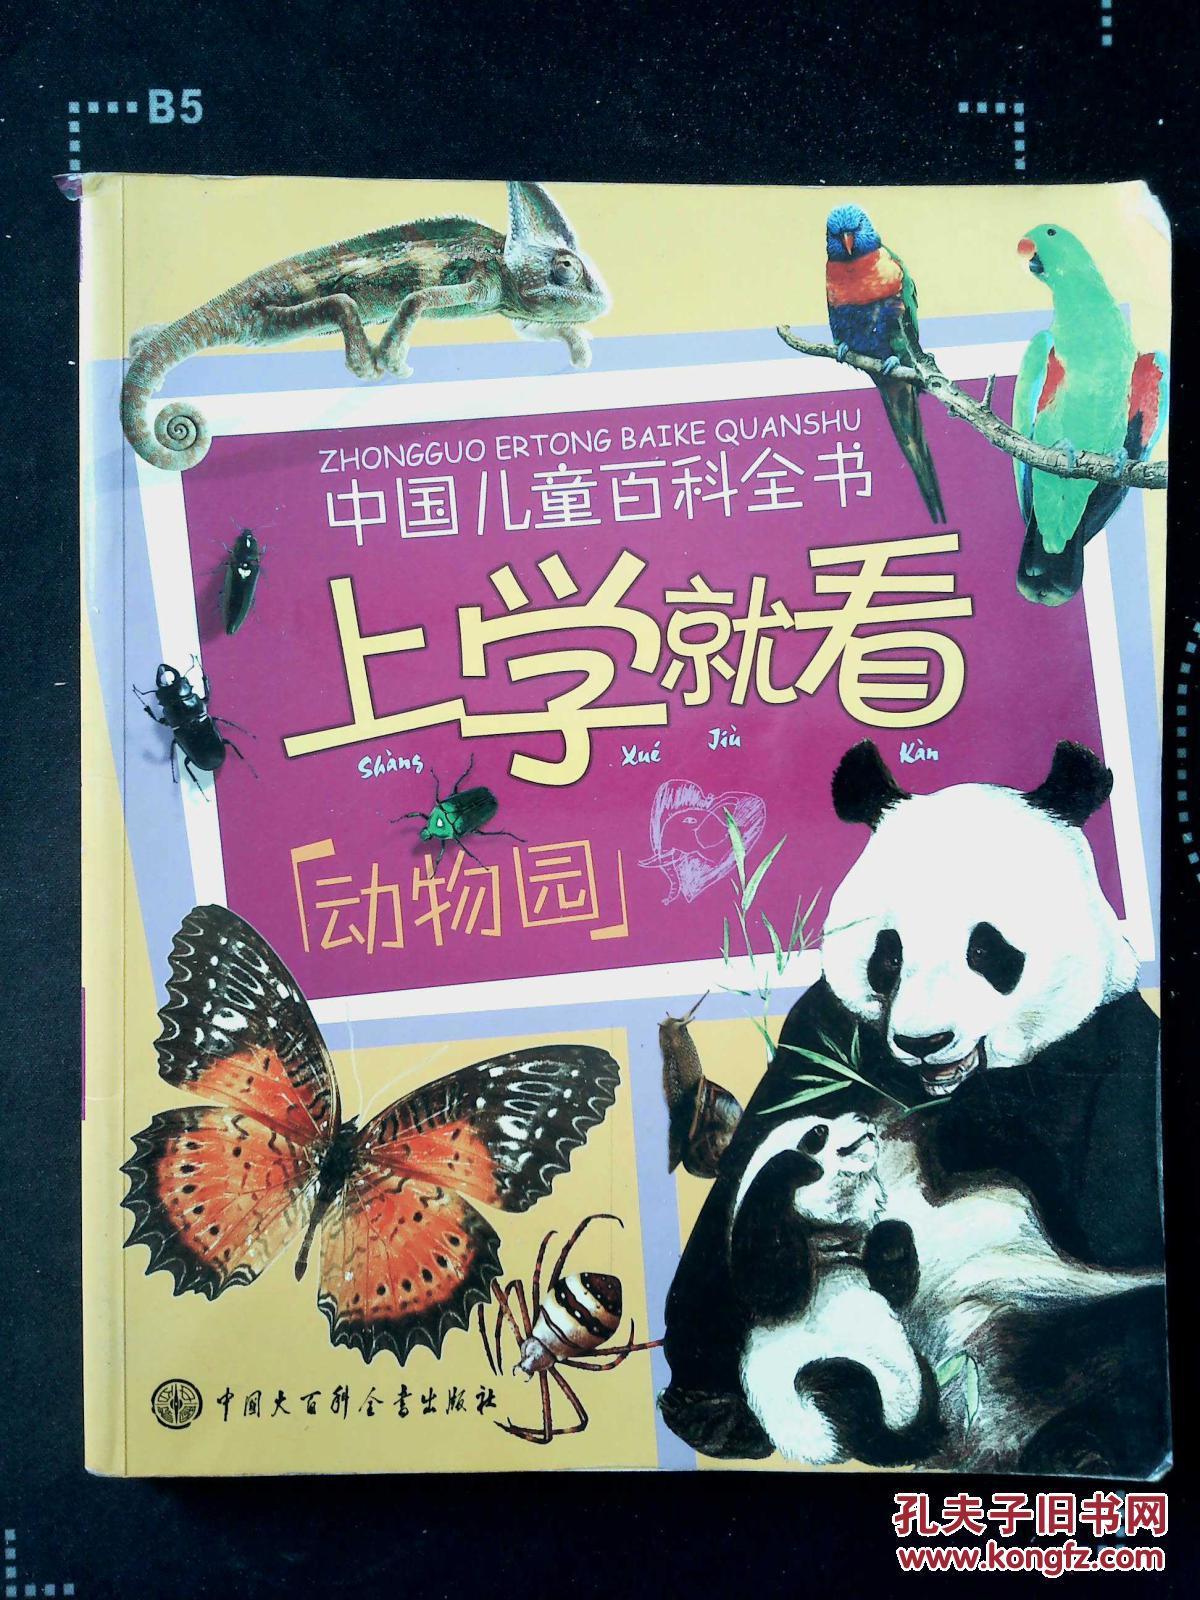 中国儿童百科全书·上学就看:ag游戏直营网|平台园